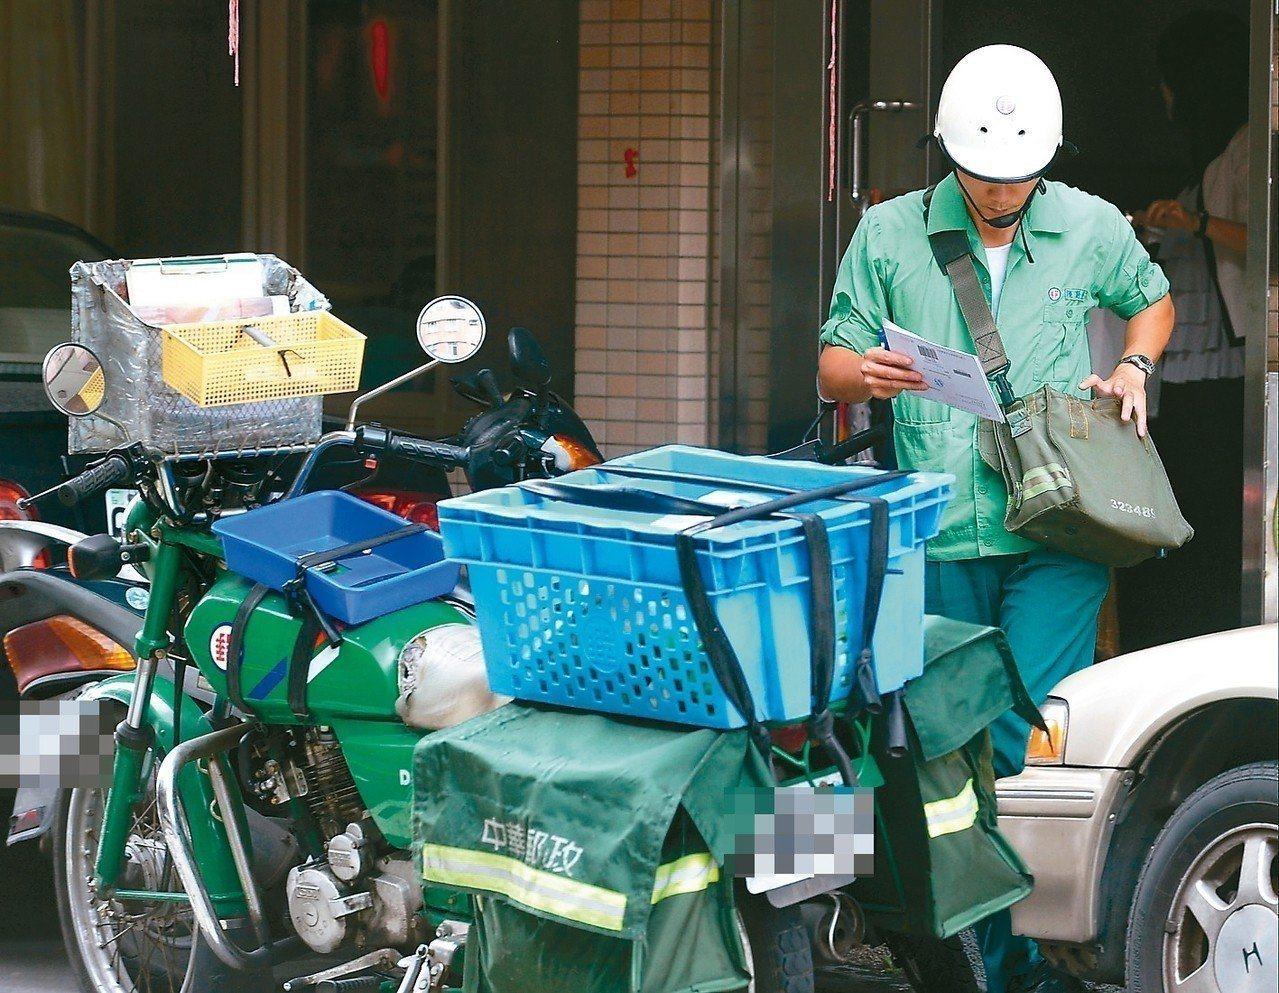 中華郵政宣布職階及約僱人員調薪3%,轉調人員調薪1%。 本報資料照片